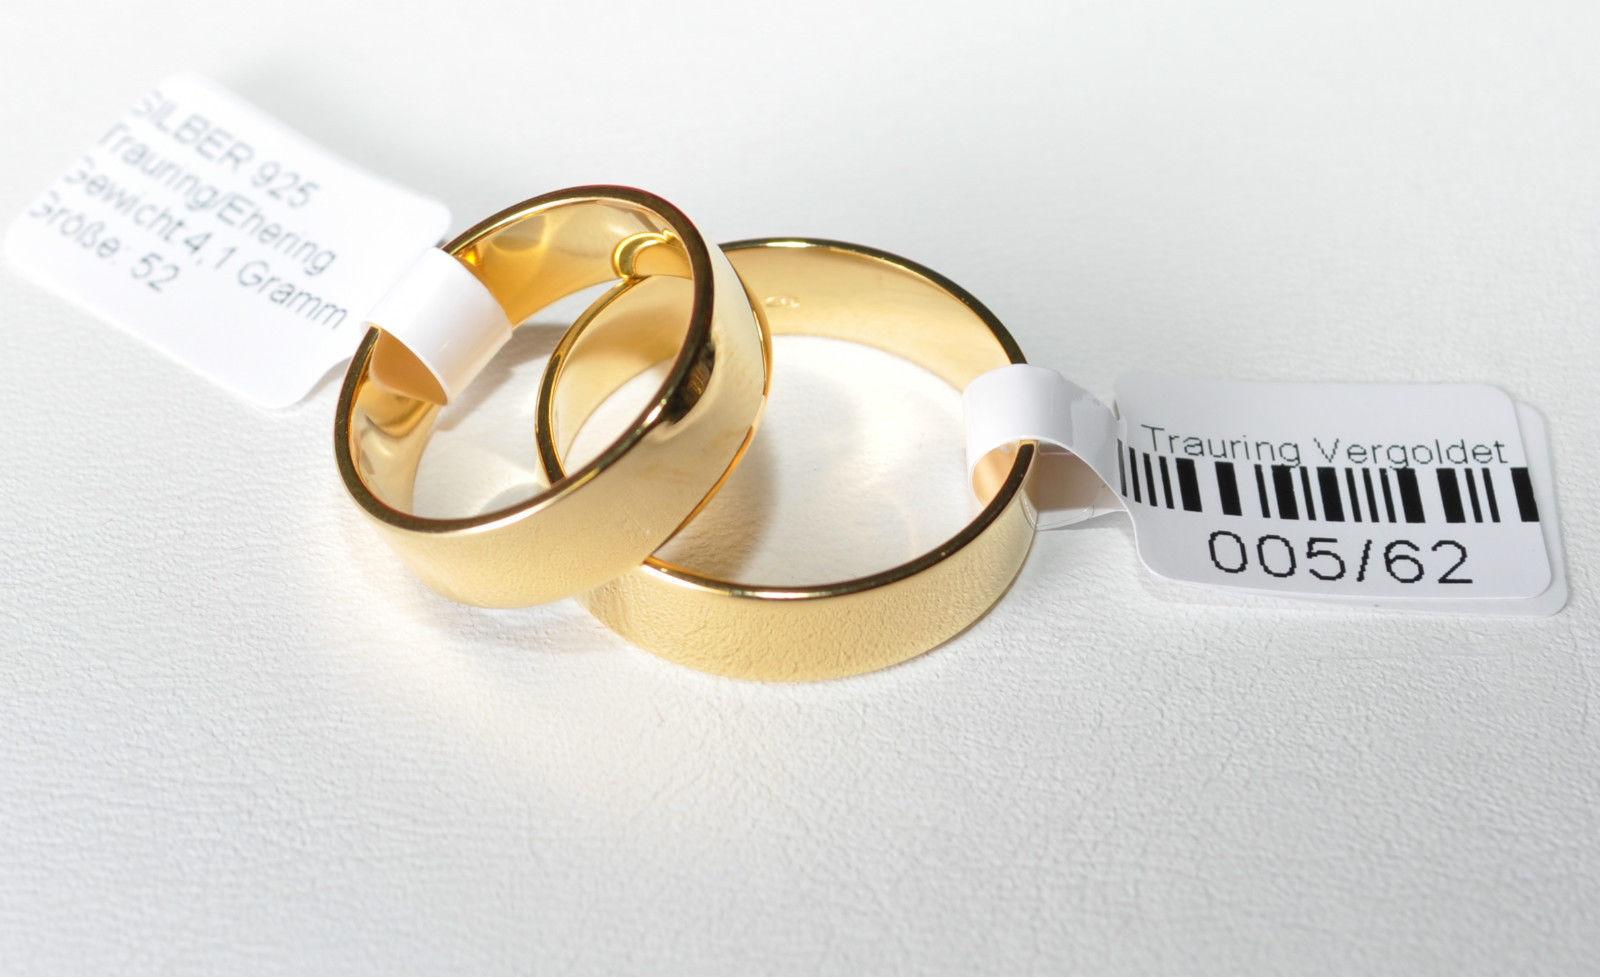 TOP Breite 5mm 1 Paar Trauringe Top Qualität Silber 925 vergoldet 5µ